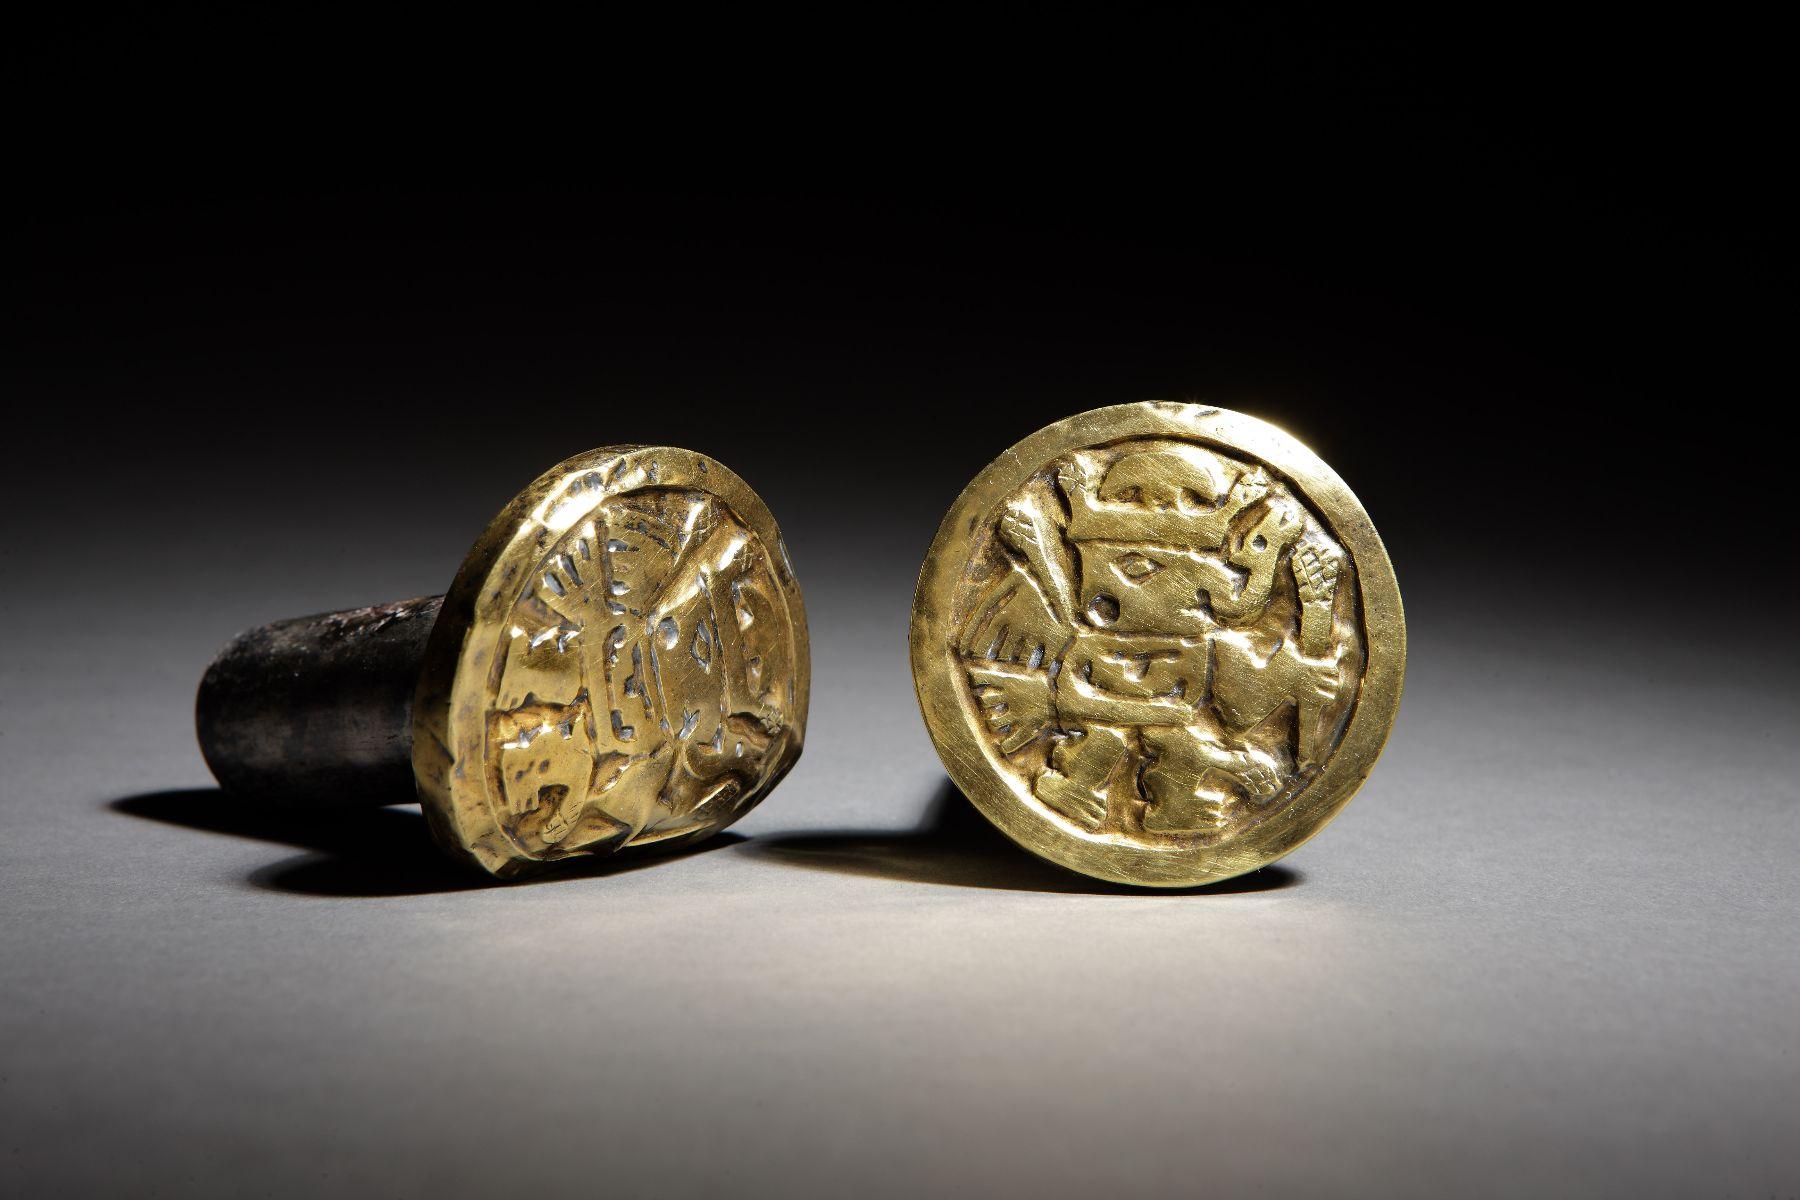 Orejeras de plata de la cultura wari halladas en el castillo de Huarmey